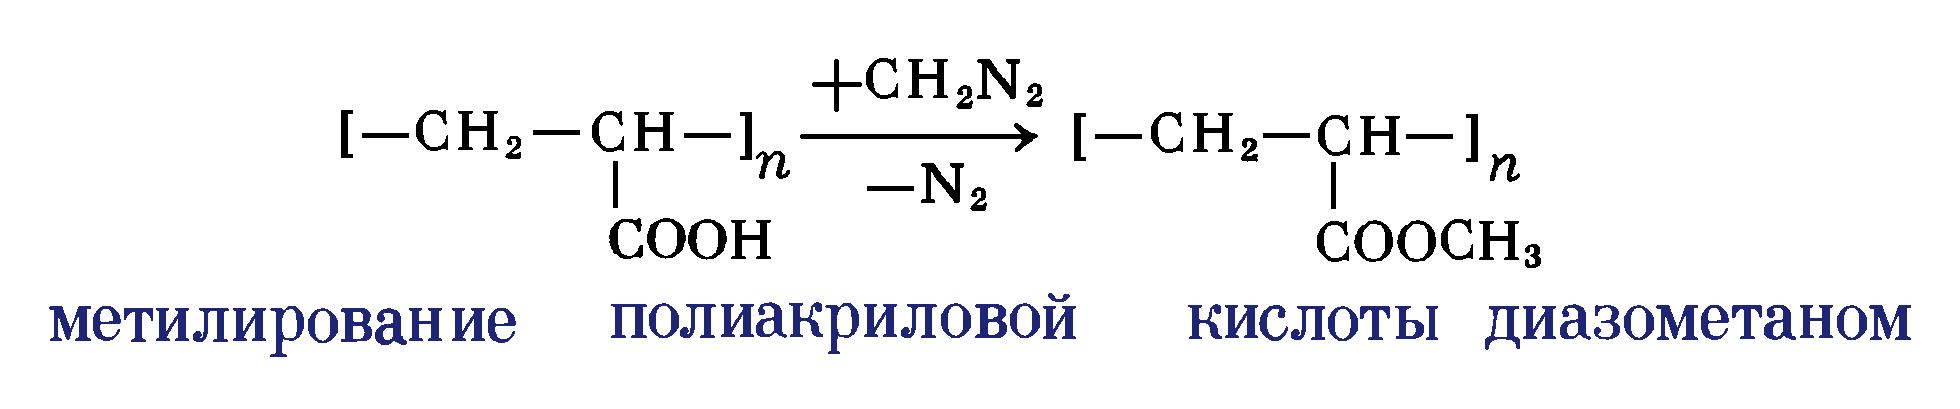 Полимераналогичные превращения метилирование полиакриловой кислоты диазометаном